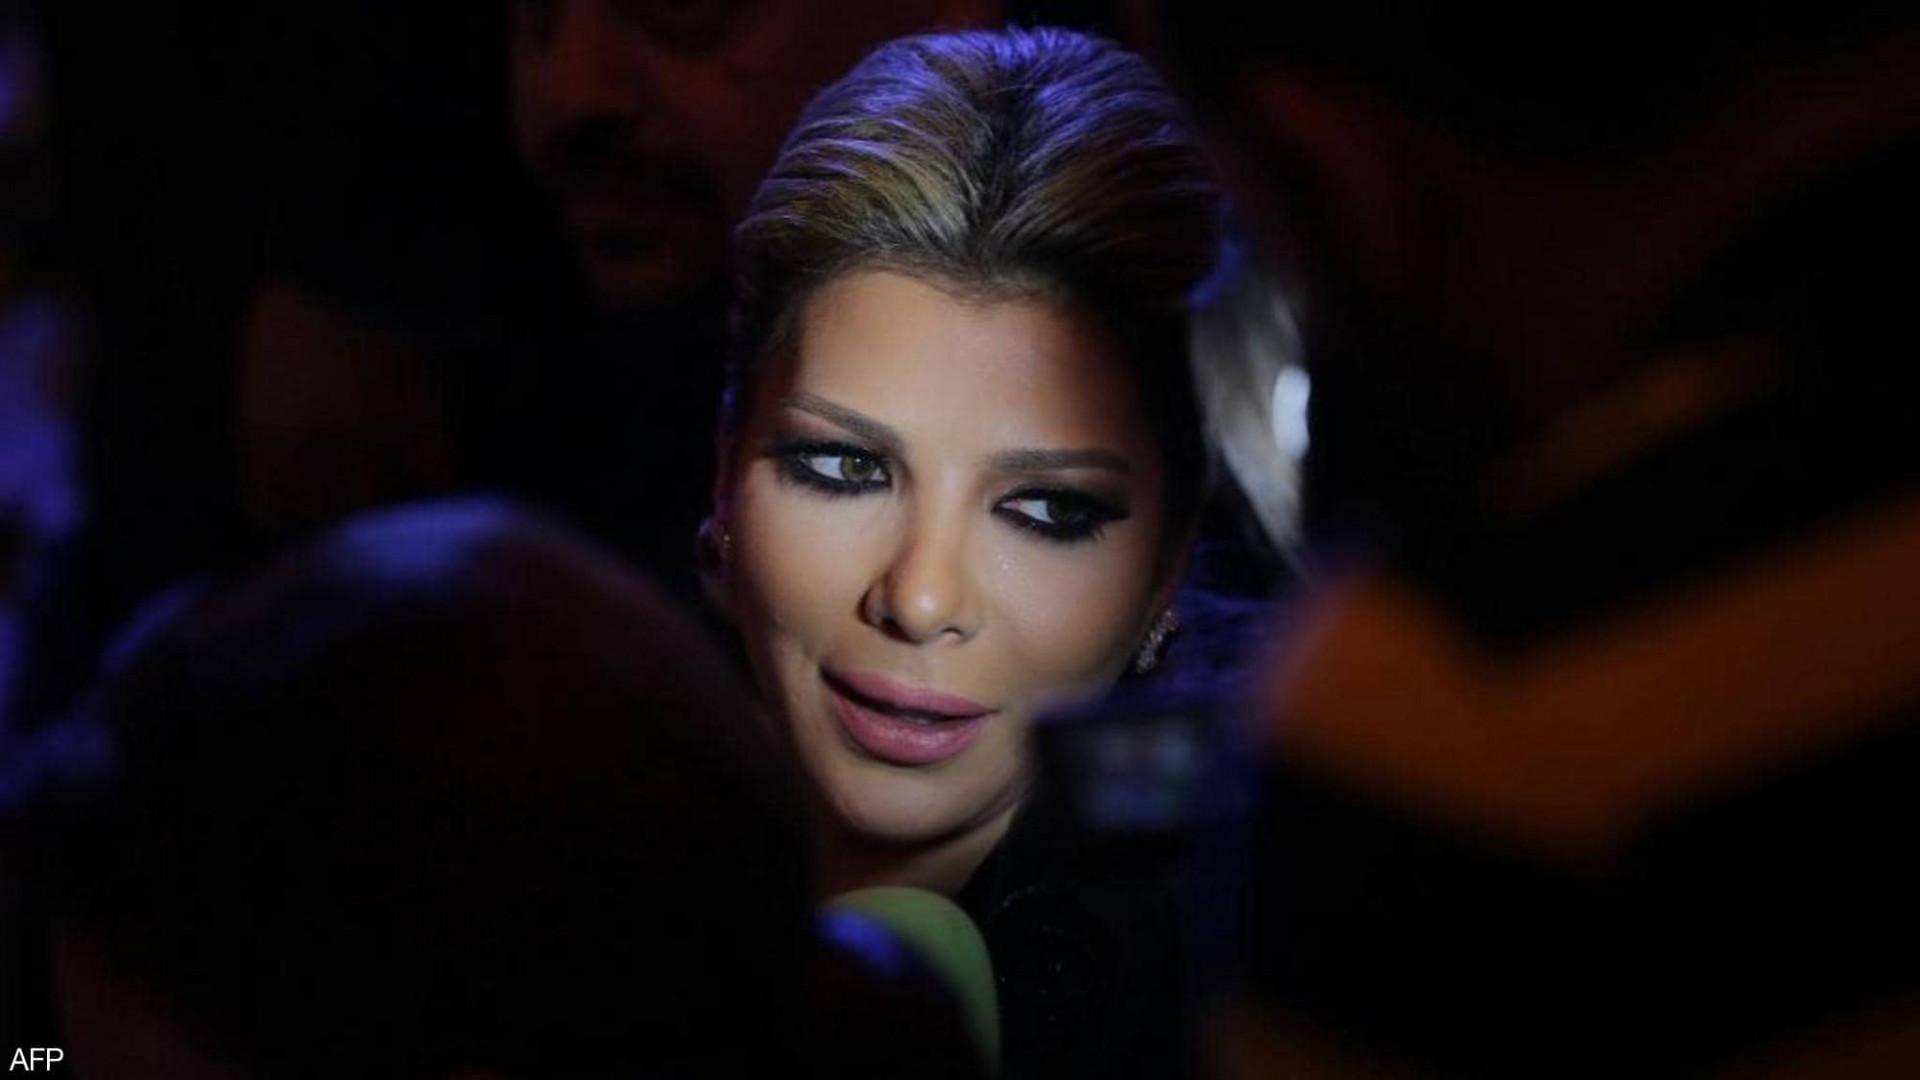 ما حقيقة زواج الفنانة السورية أصالة نصري من شاعر عراقي؟